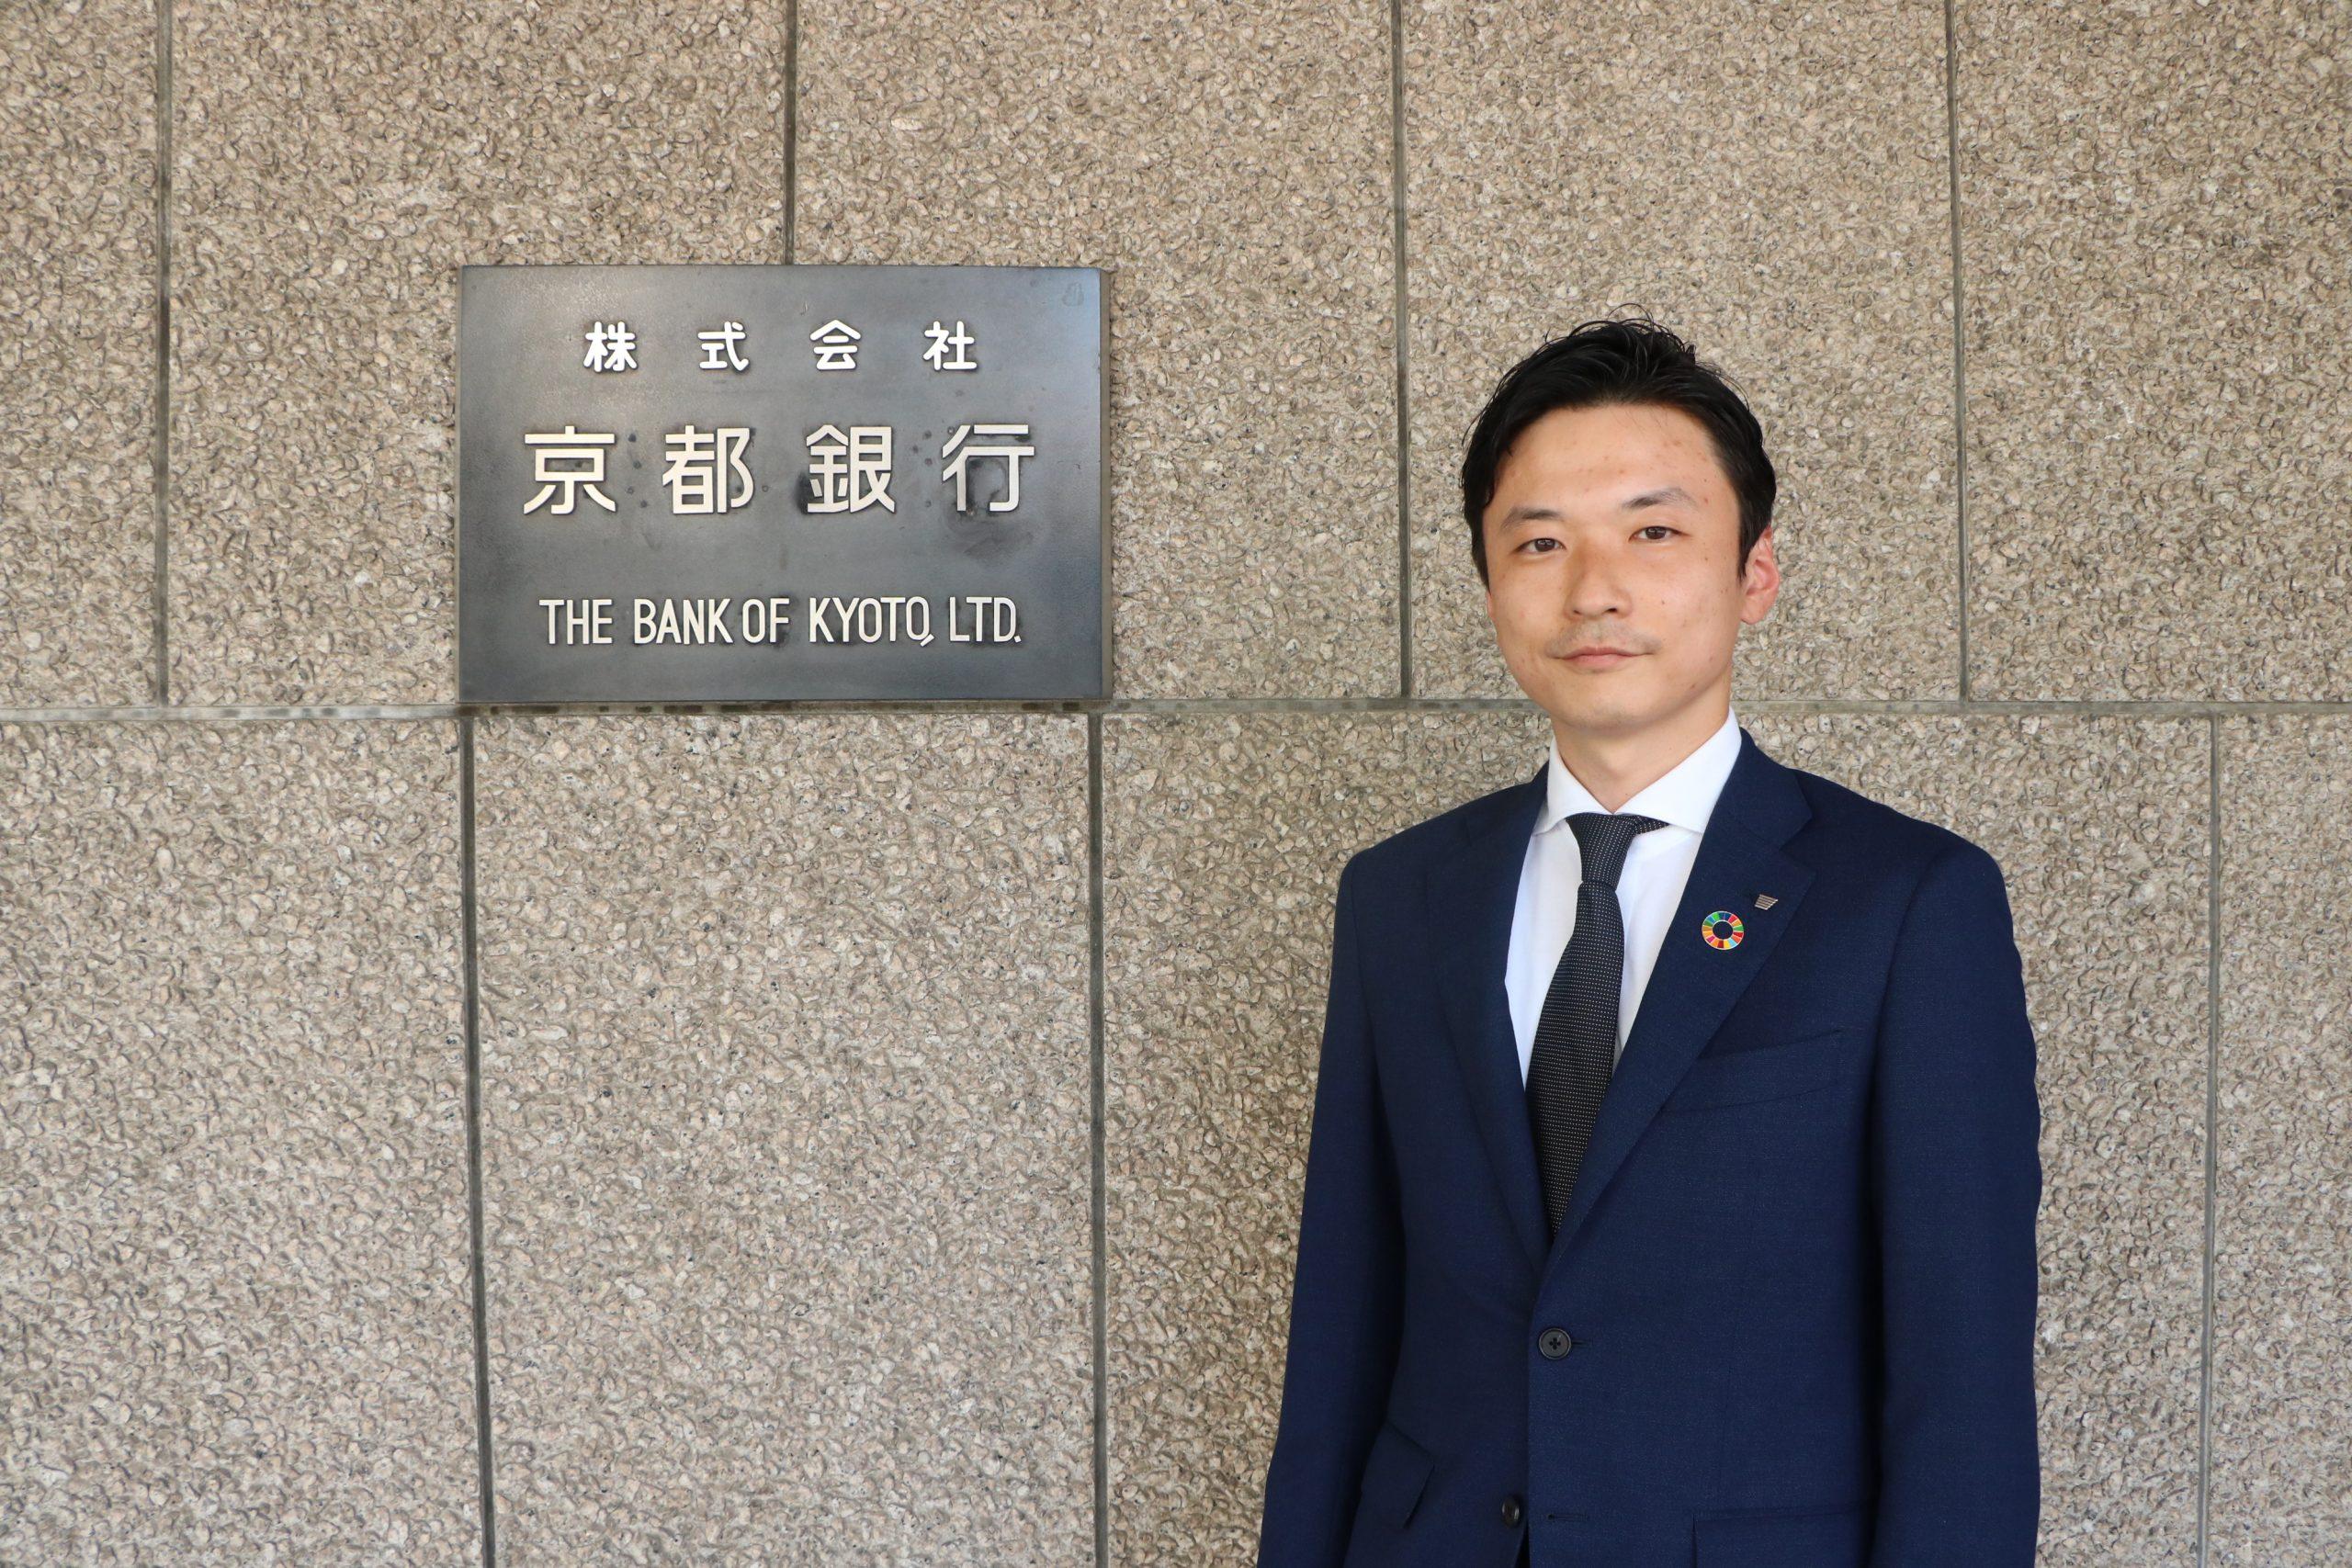 石川 紘平さんの写真